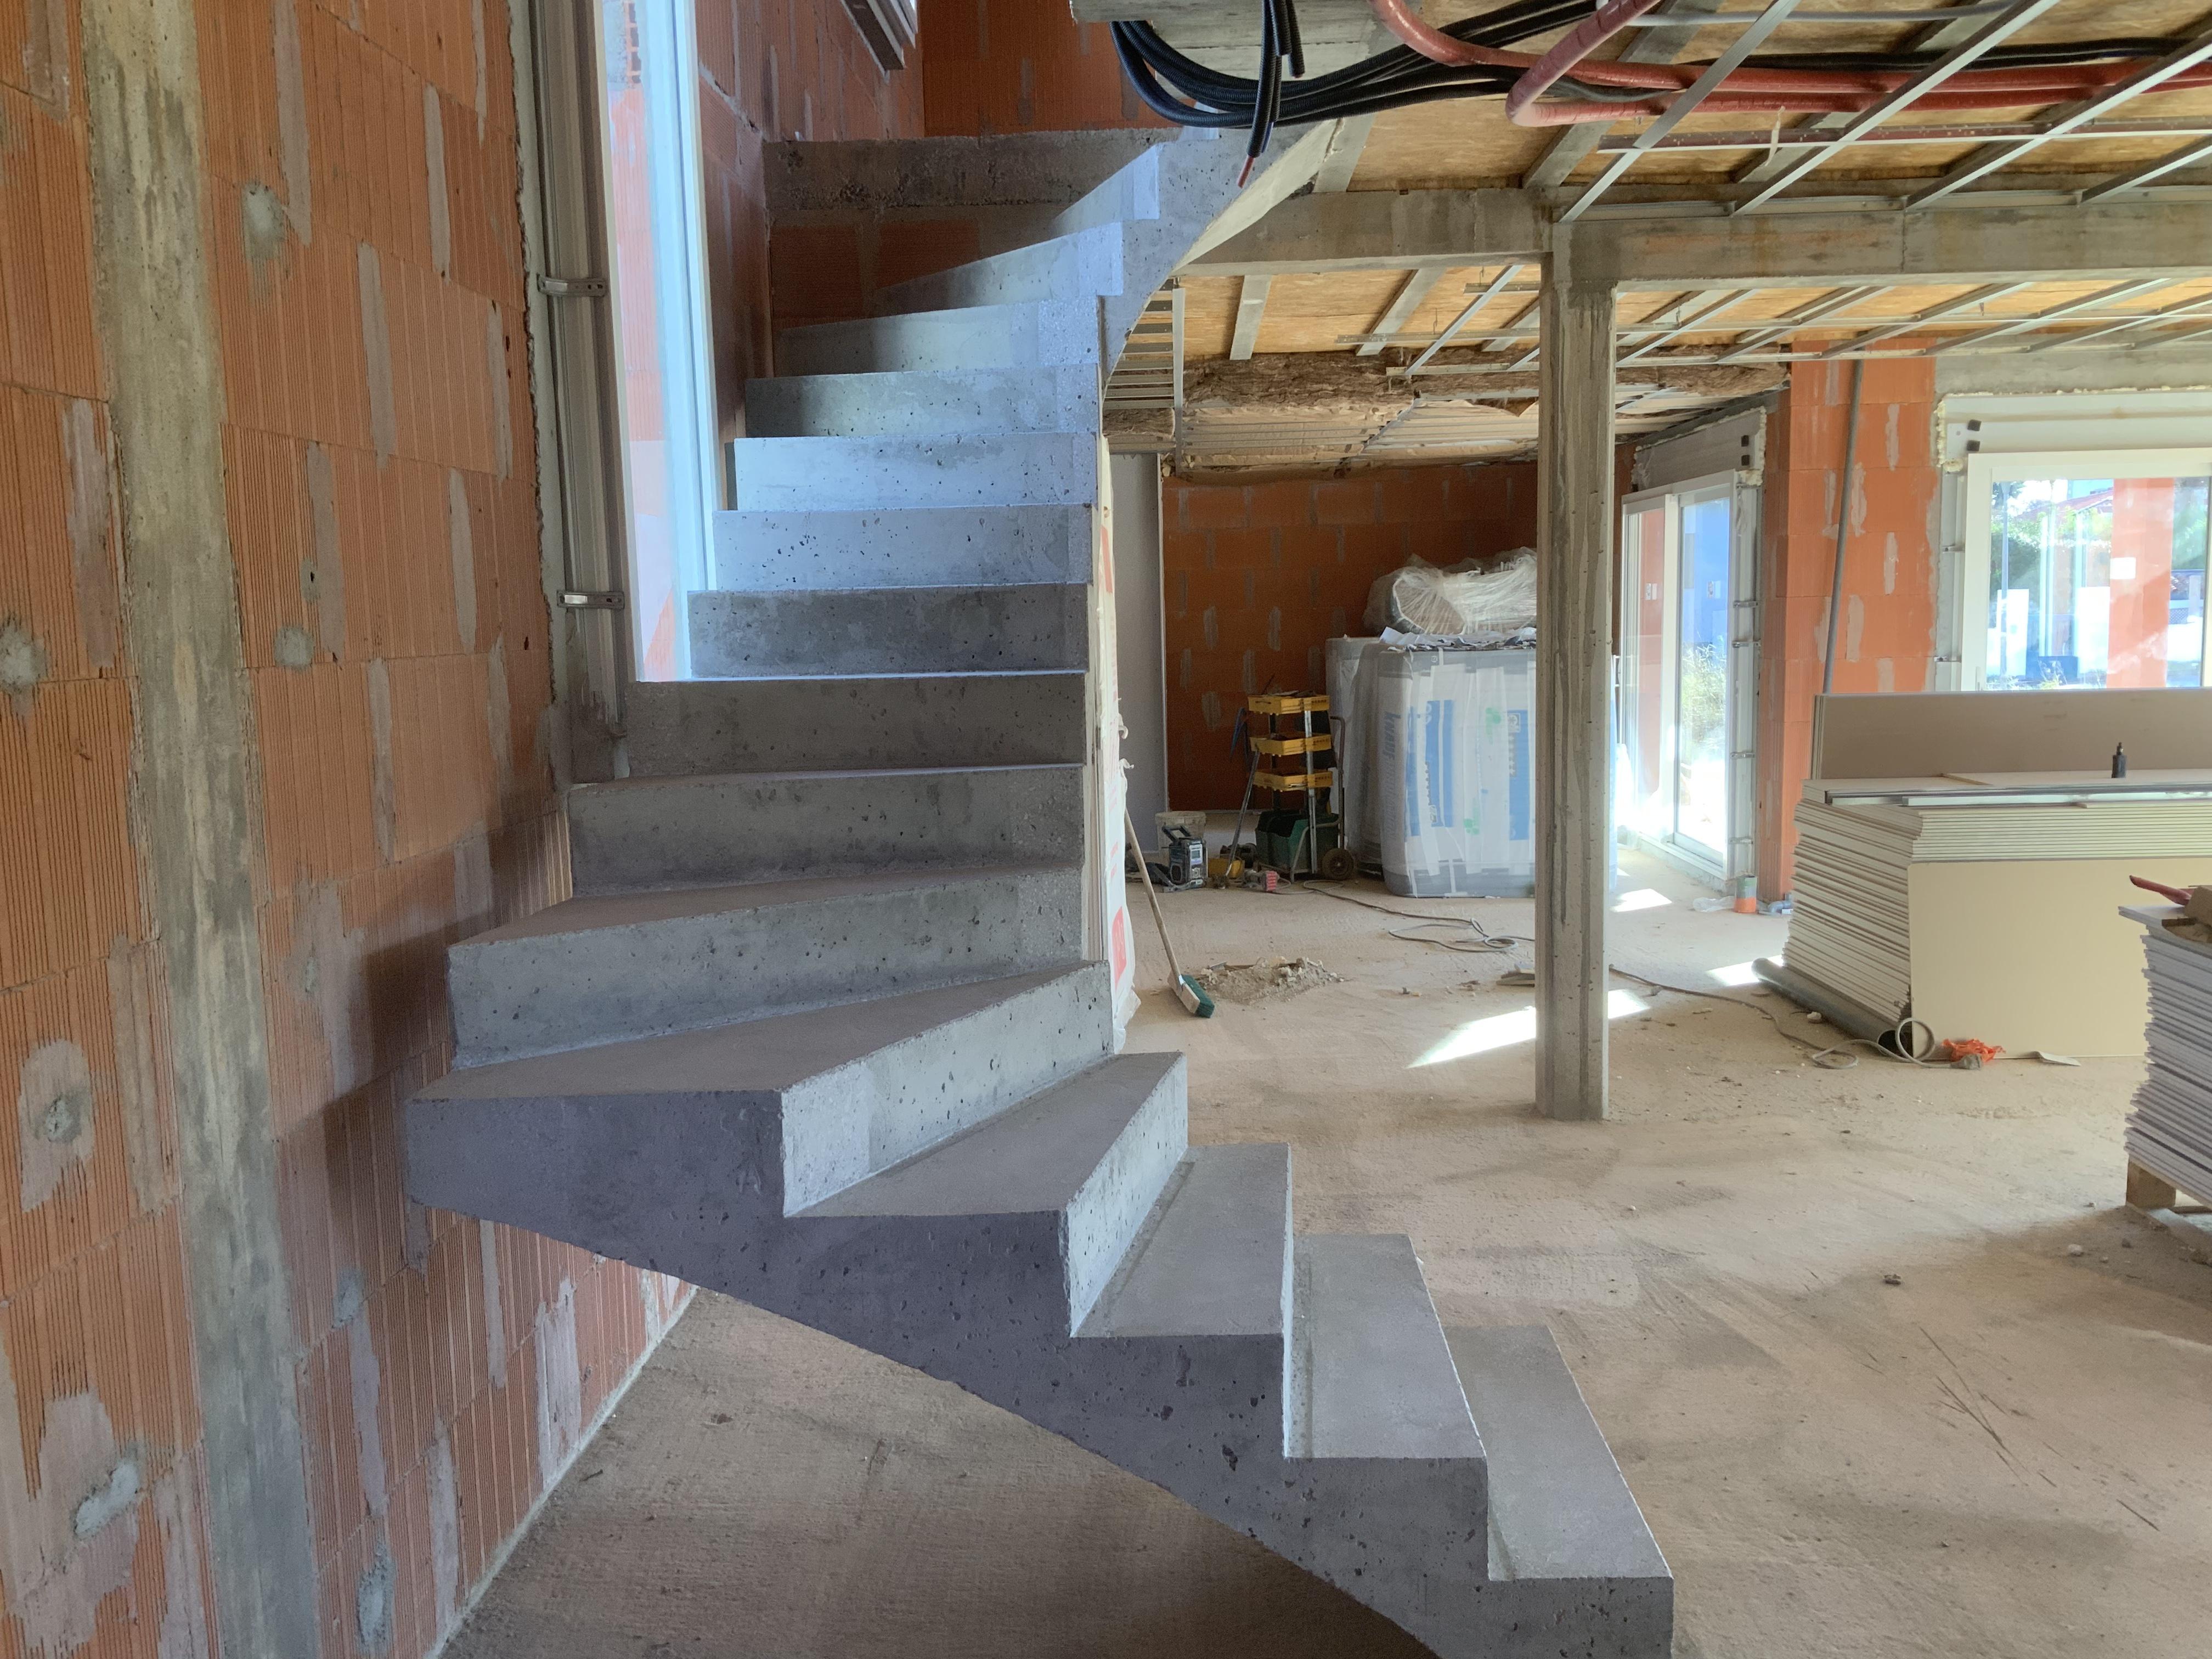 Espacement entre l'escalier et le mur pour supprimer tout pont thermique